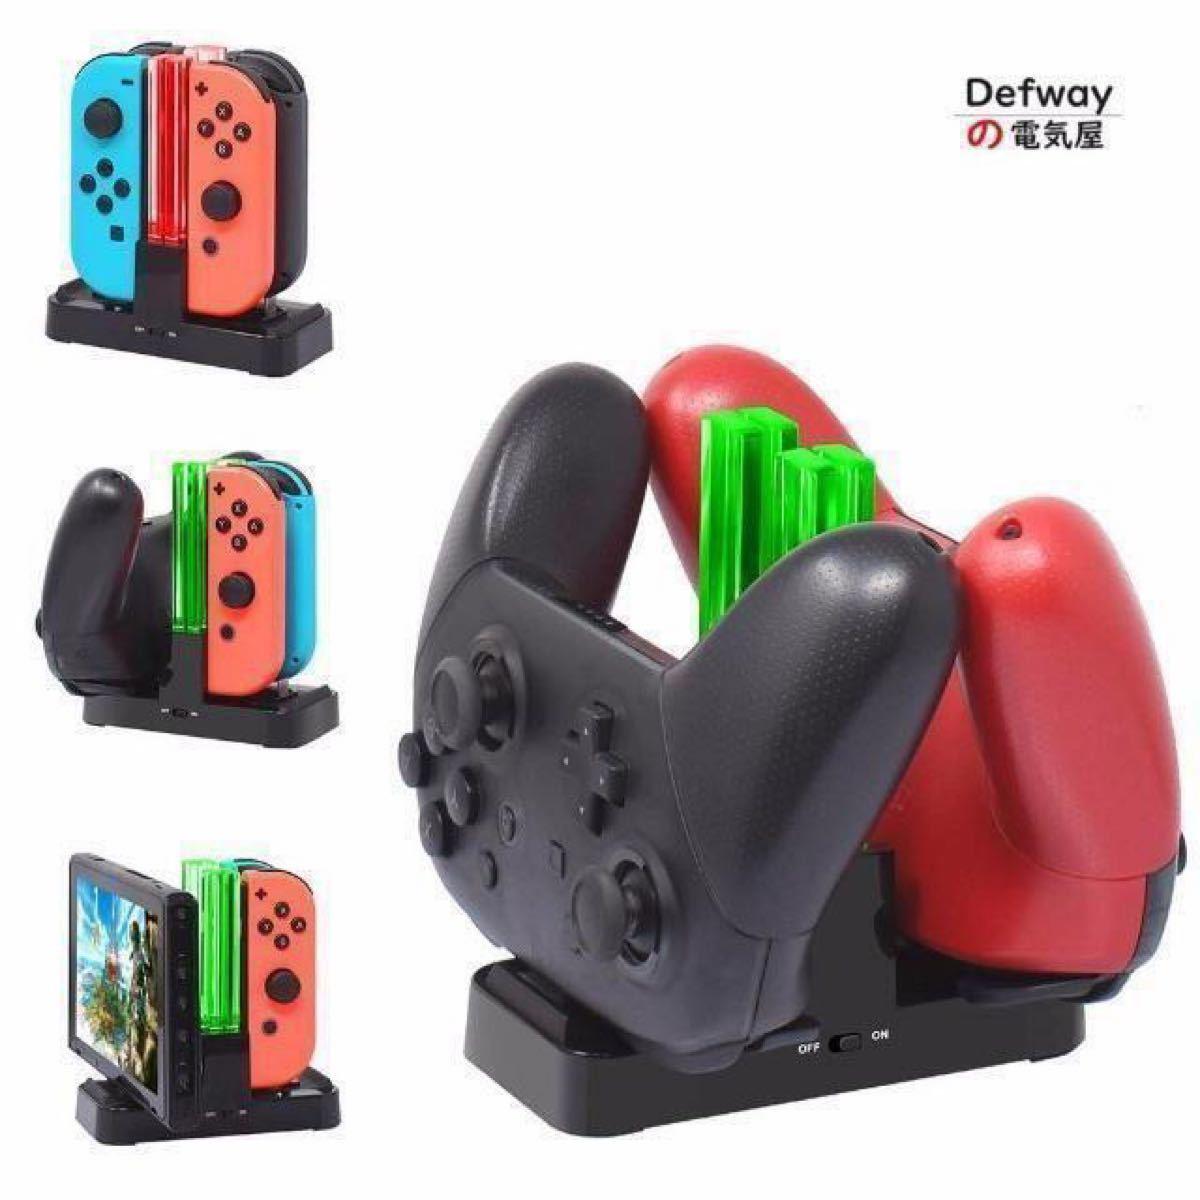 Nintendo Switch Joy-Con 充電スタンド ニンテンドースイッチ ジョイコン